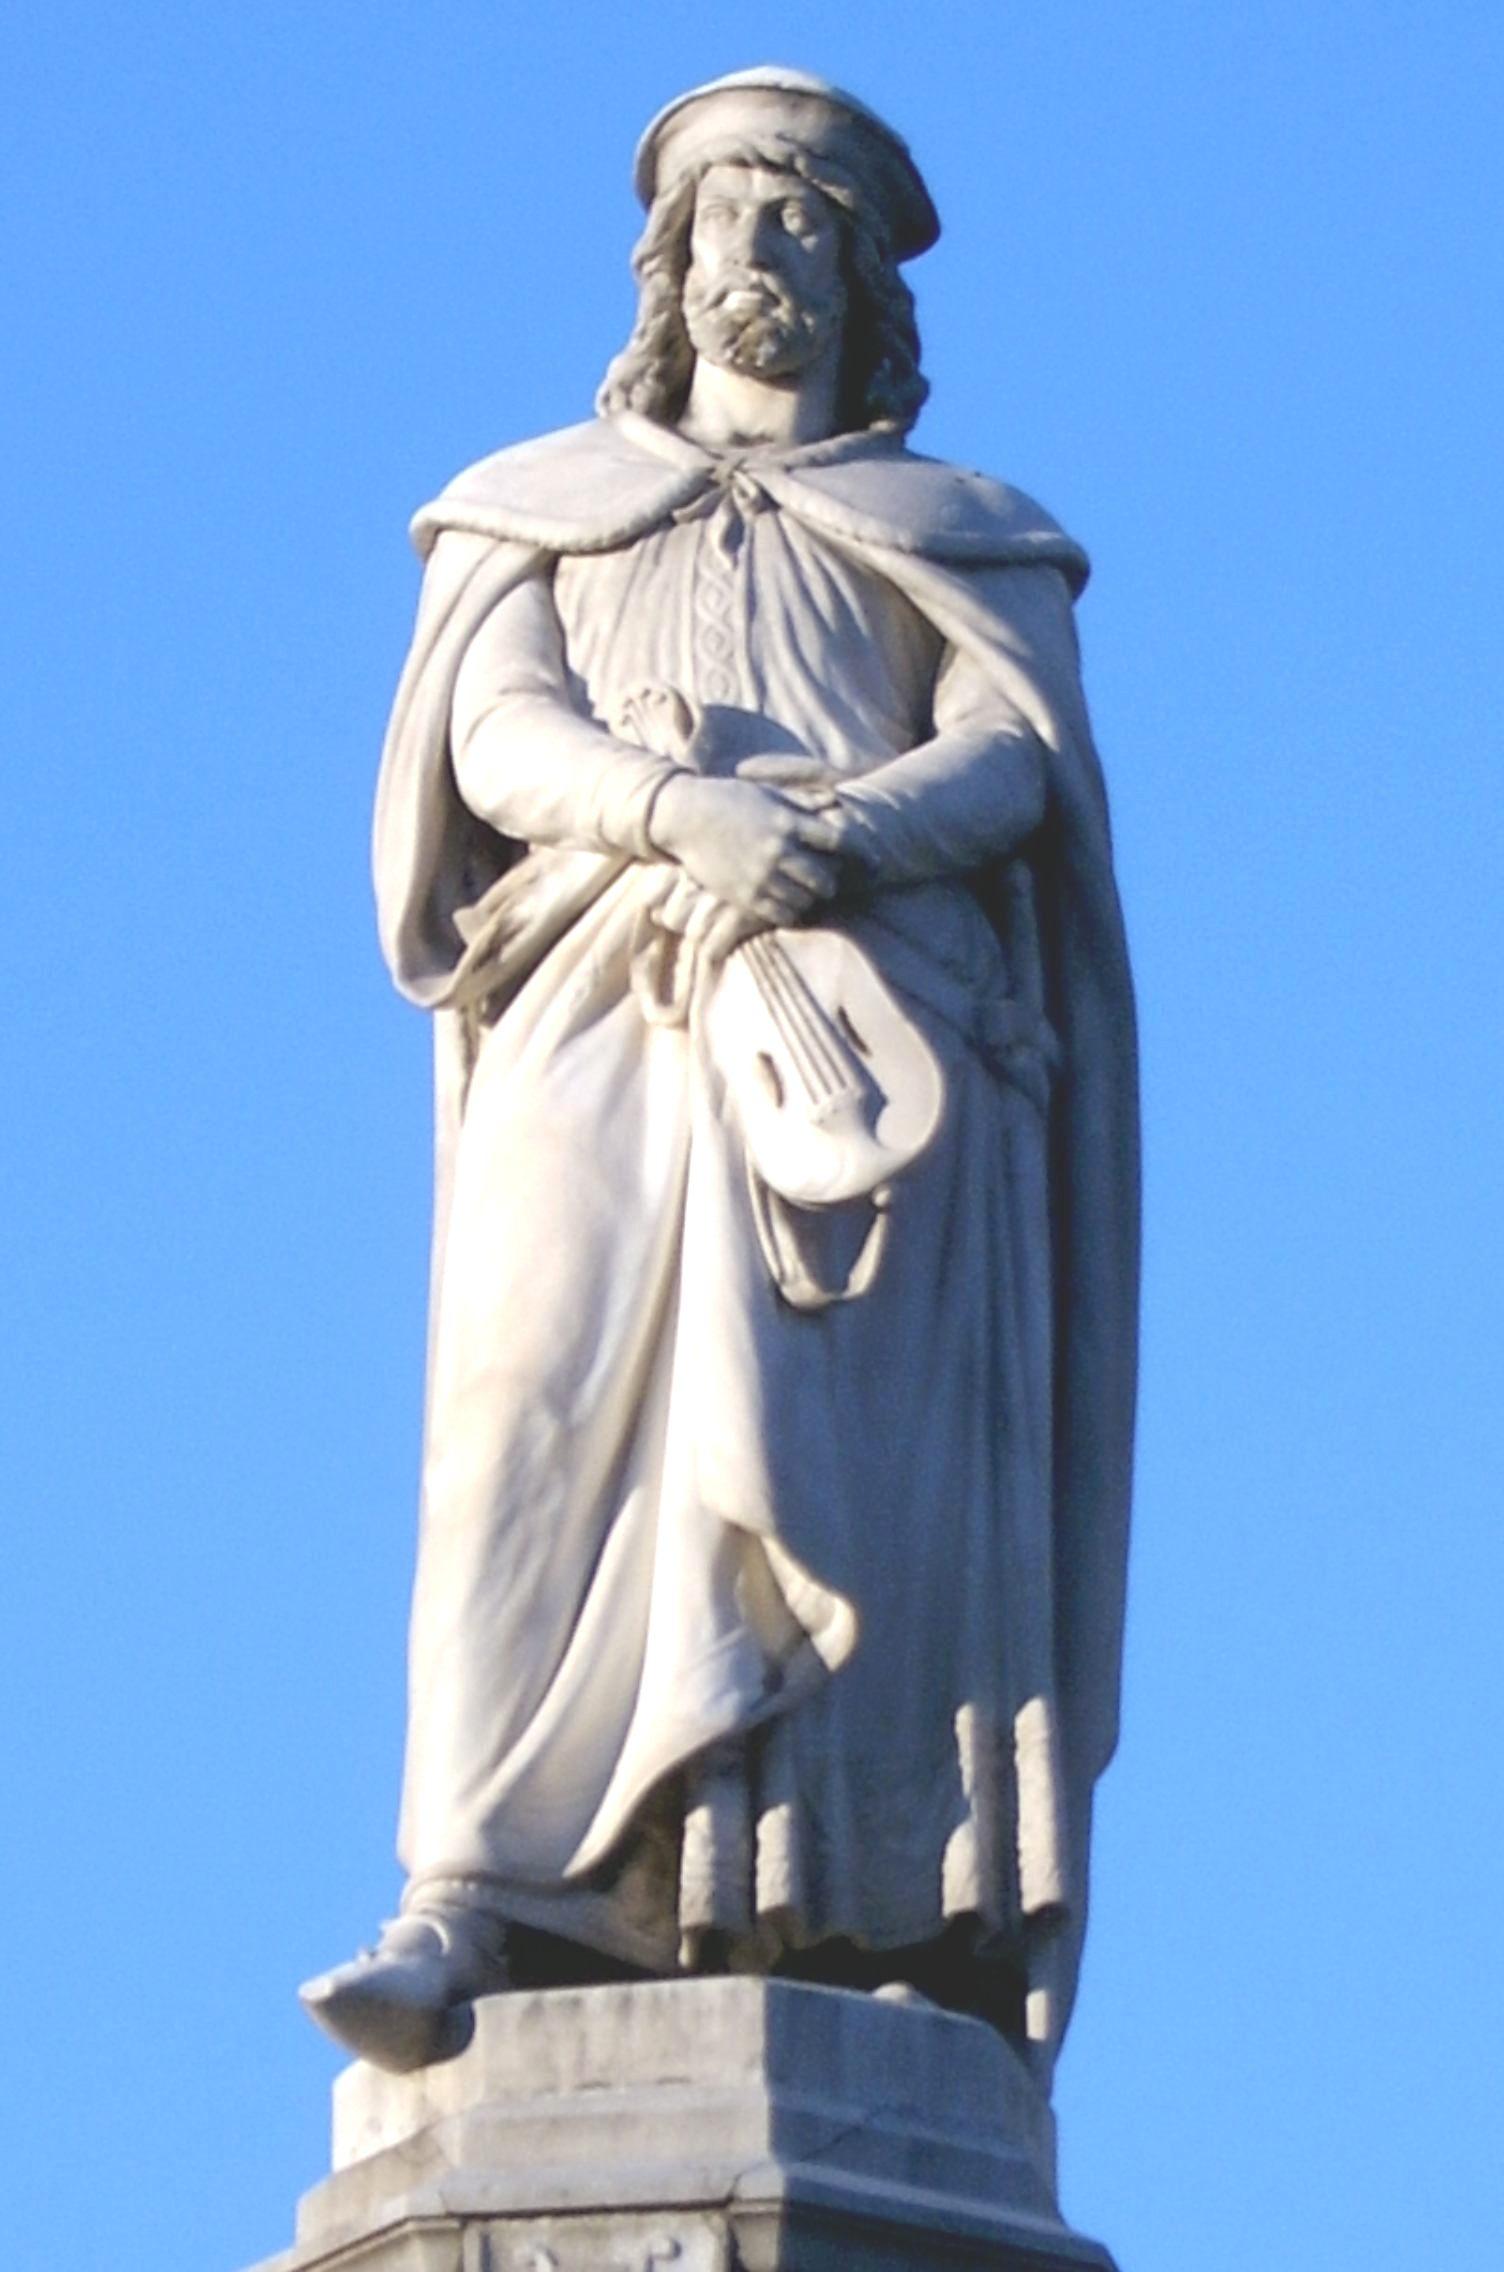 Estatua de Walther en Bolzano-Bozen.